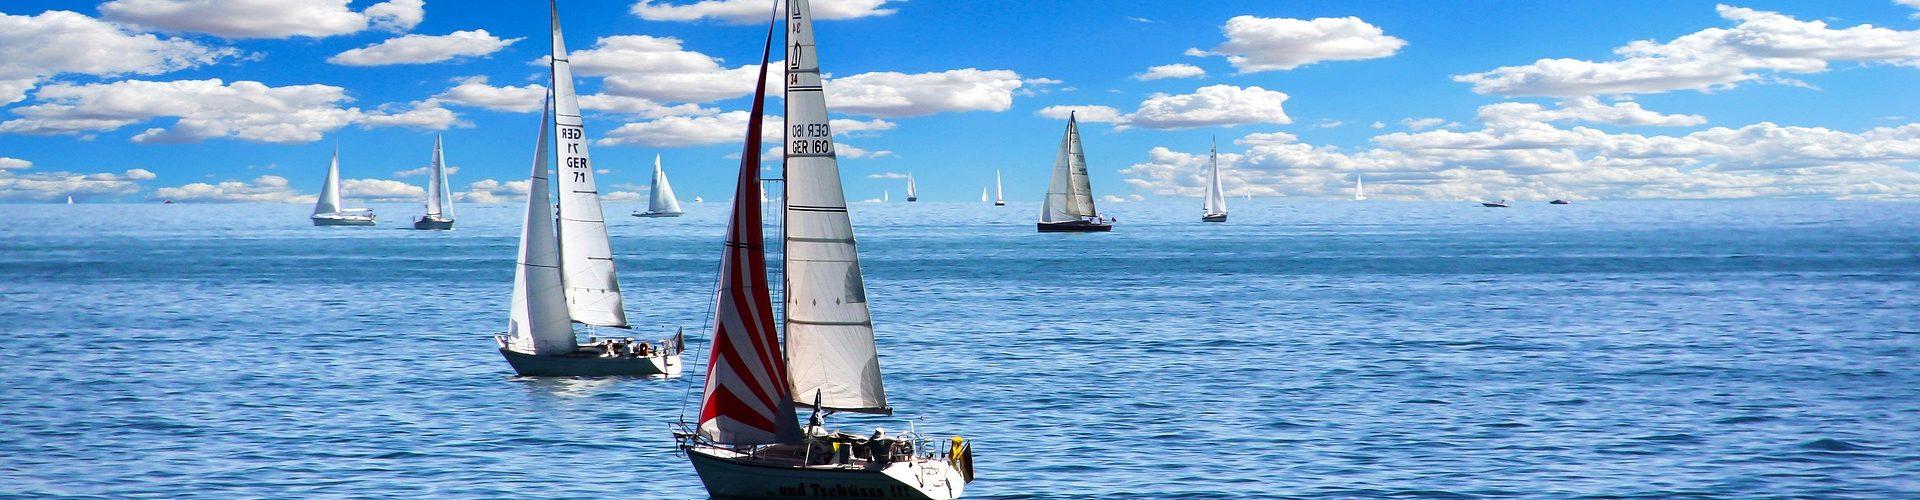 segeln lernen in Nettetal segelschein machen in Nettetal 1920x500 - Segeln lernen in Nettetal